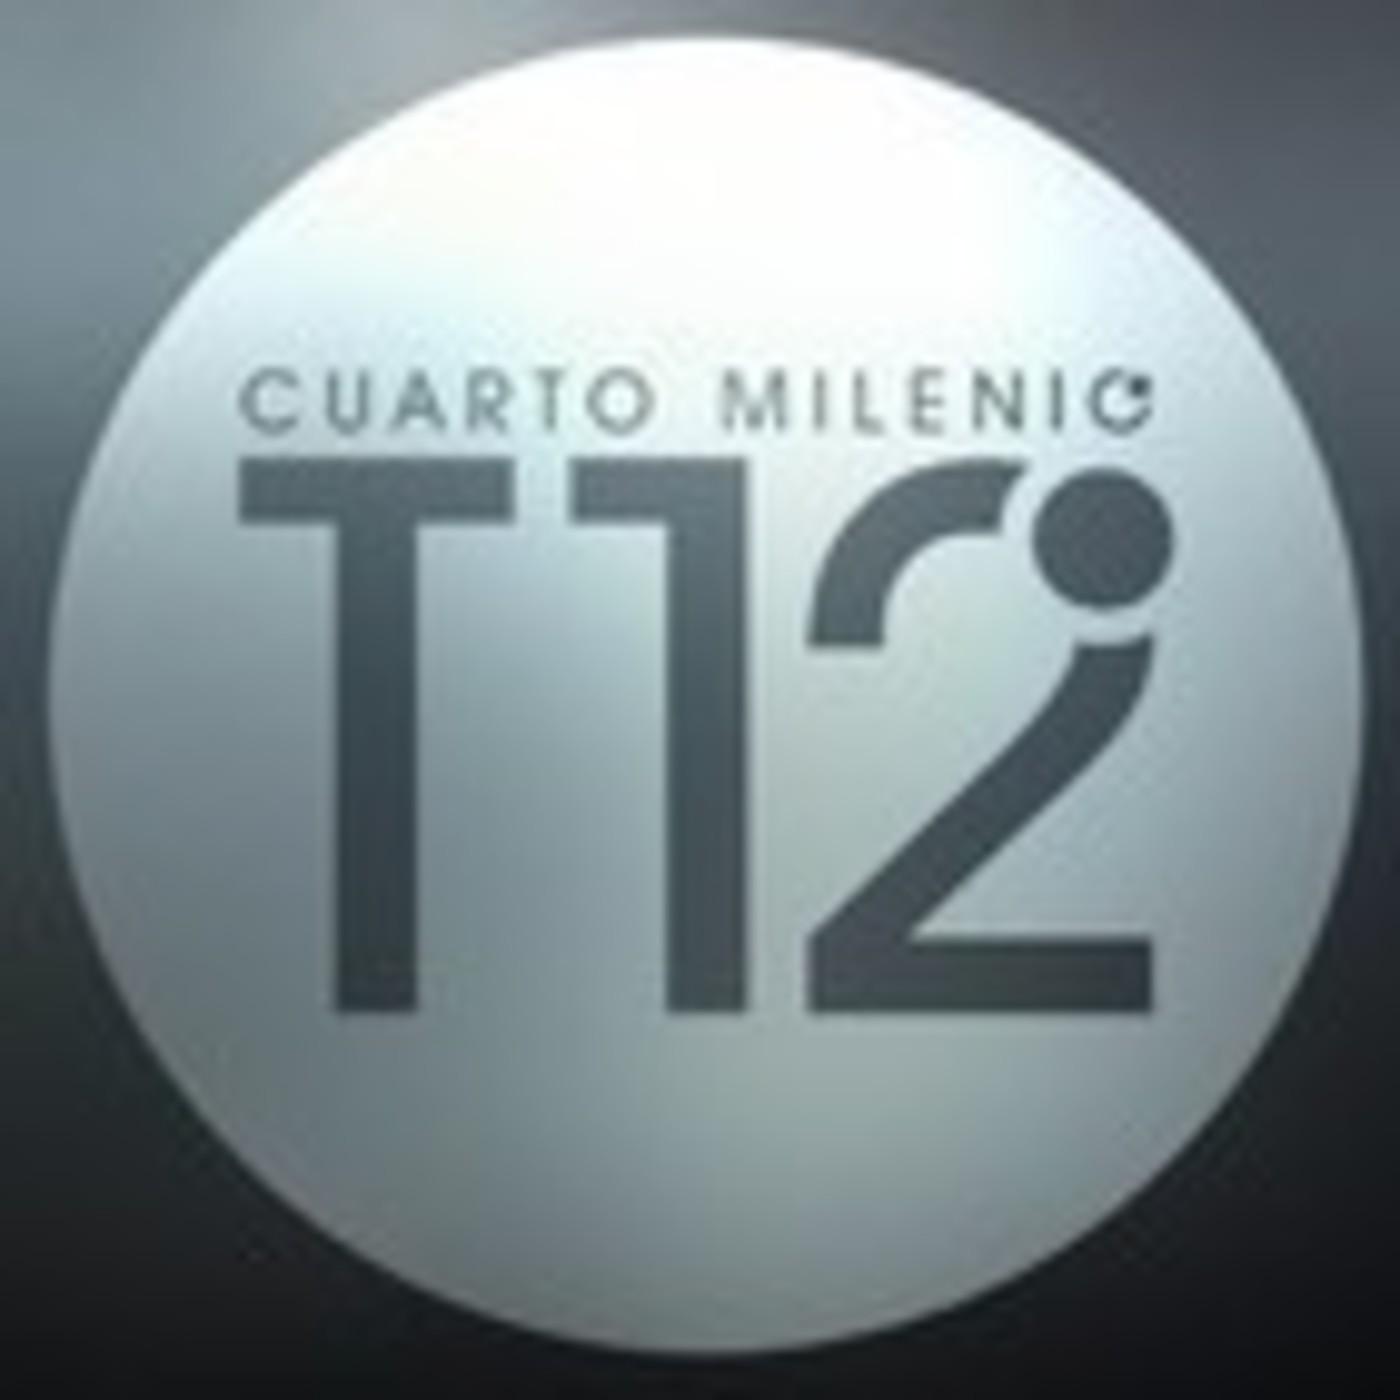 Cuarto milenio (16/4/2017) 12x33: Casas malditas,hoy • El ...